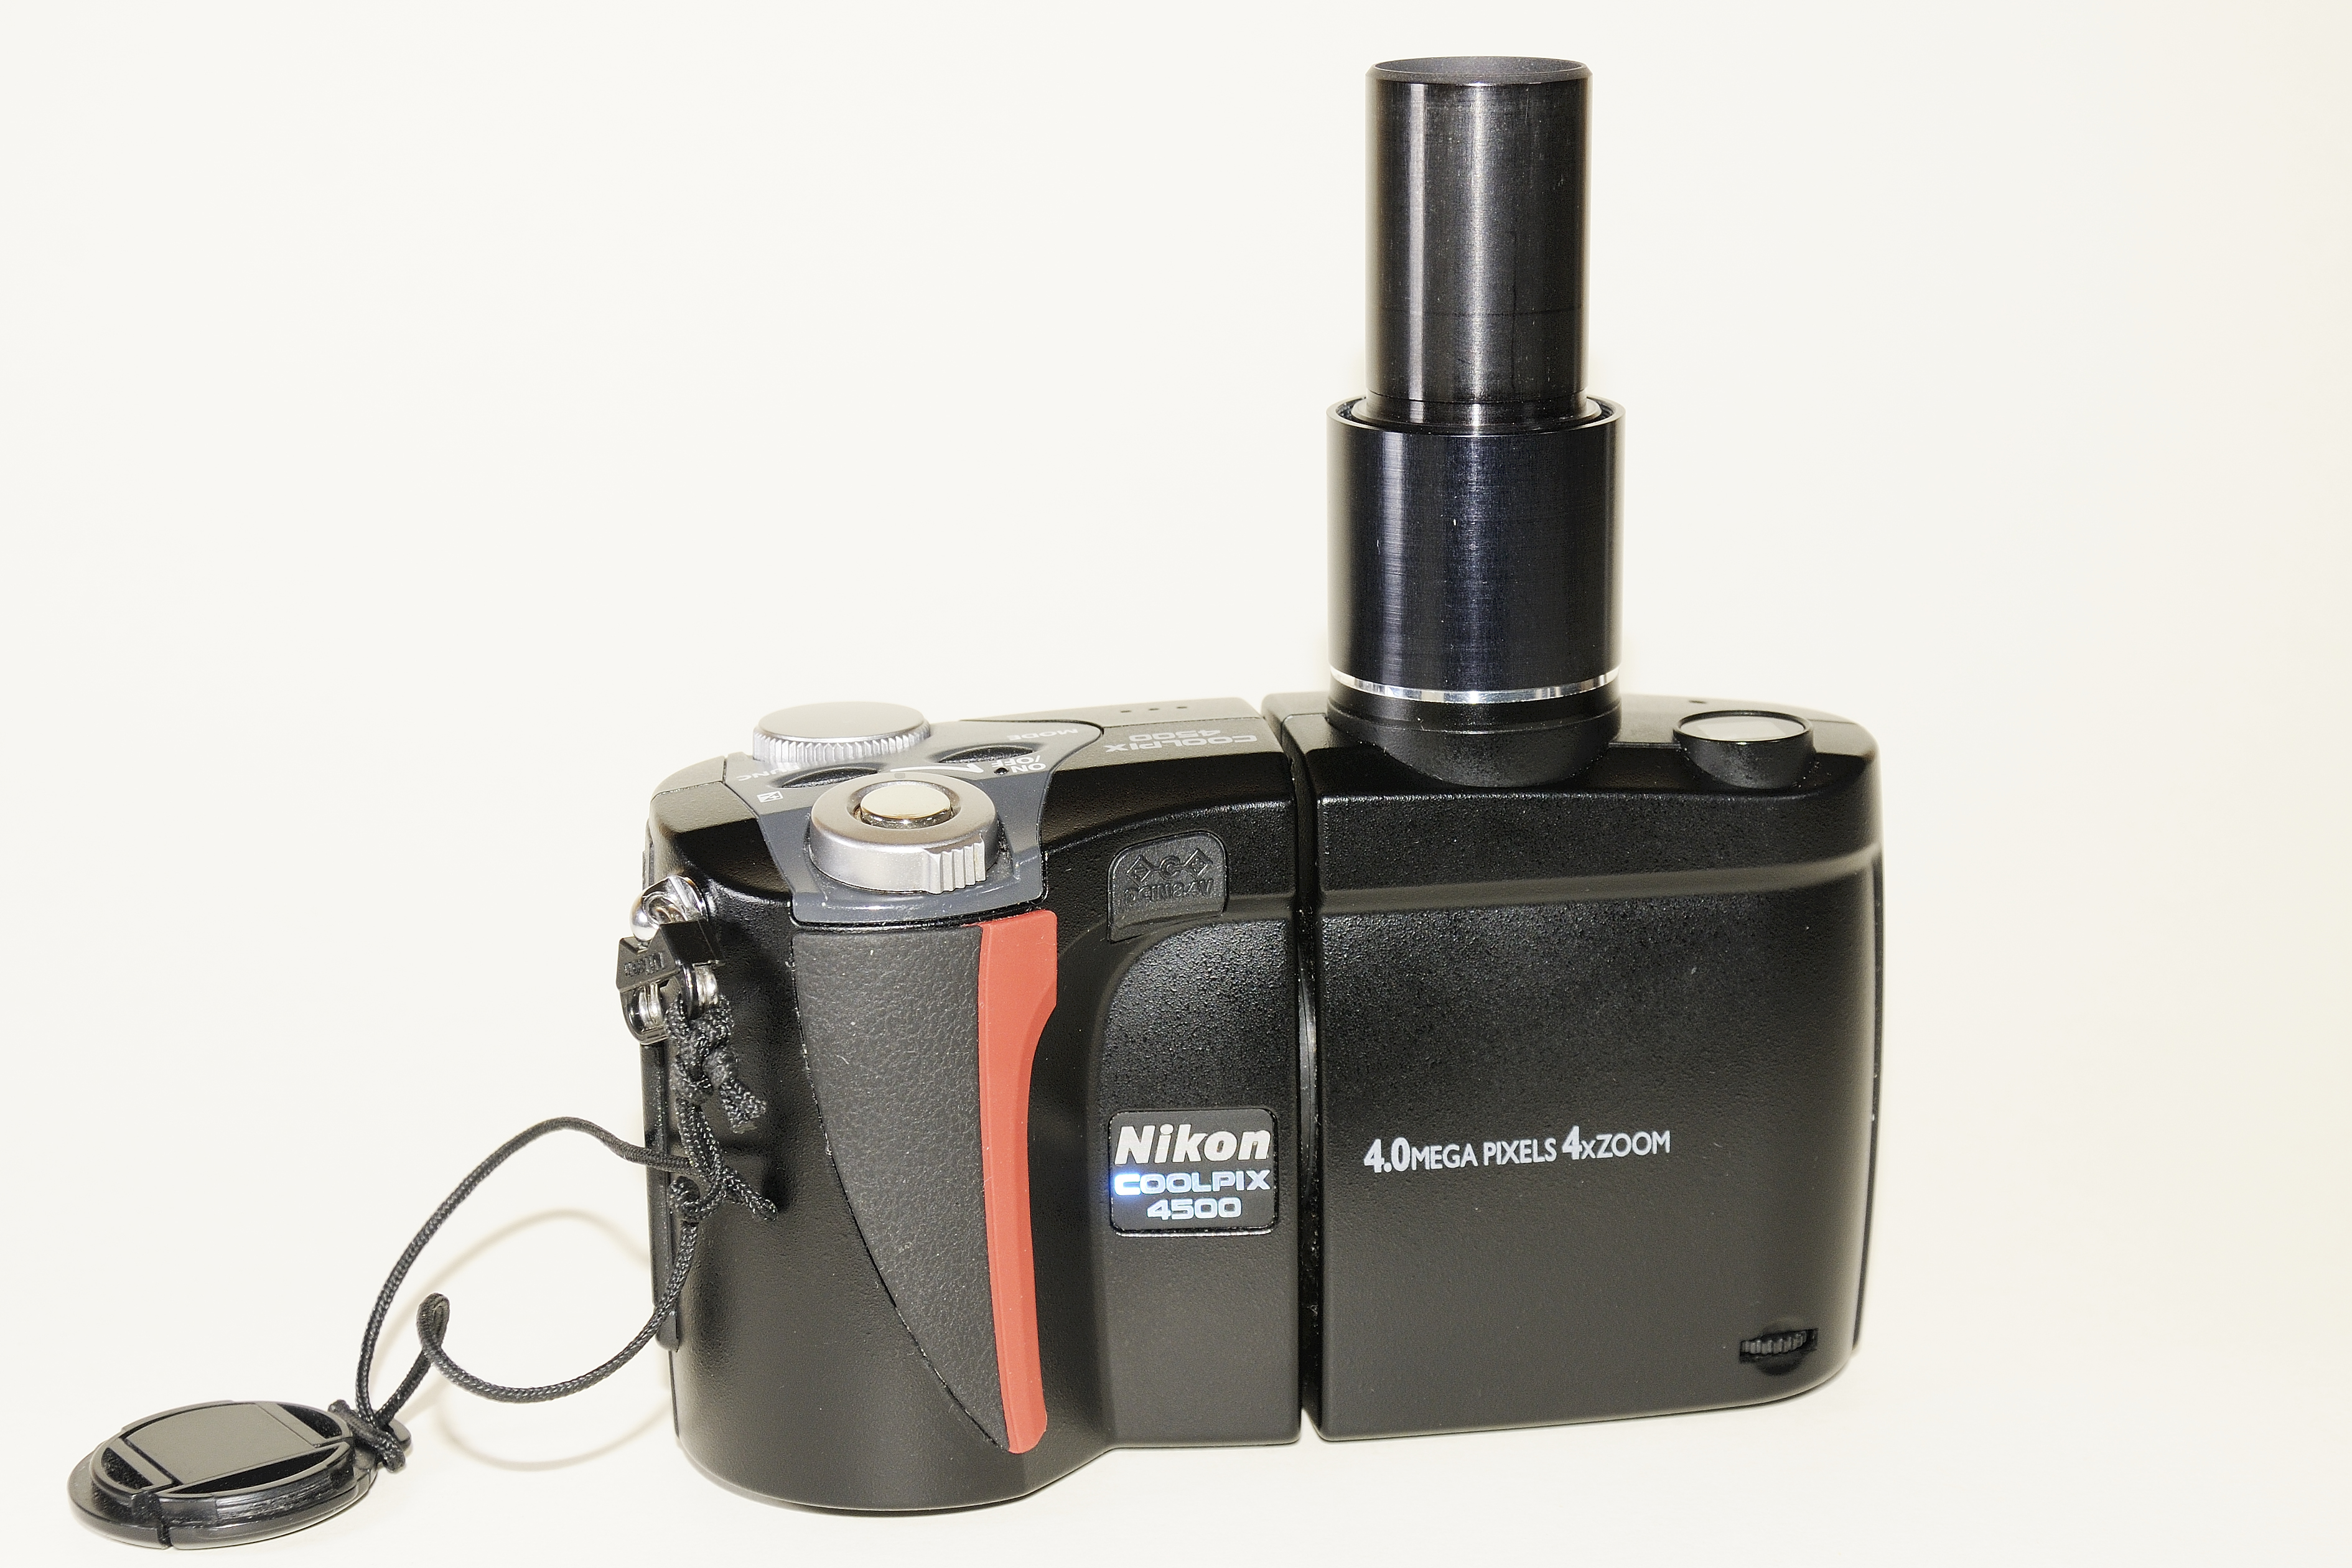 Adaptieren einer digitalkamera an ein schülermikroskop